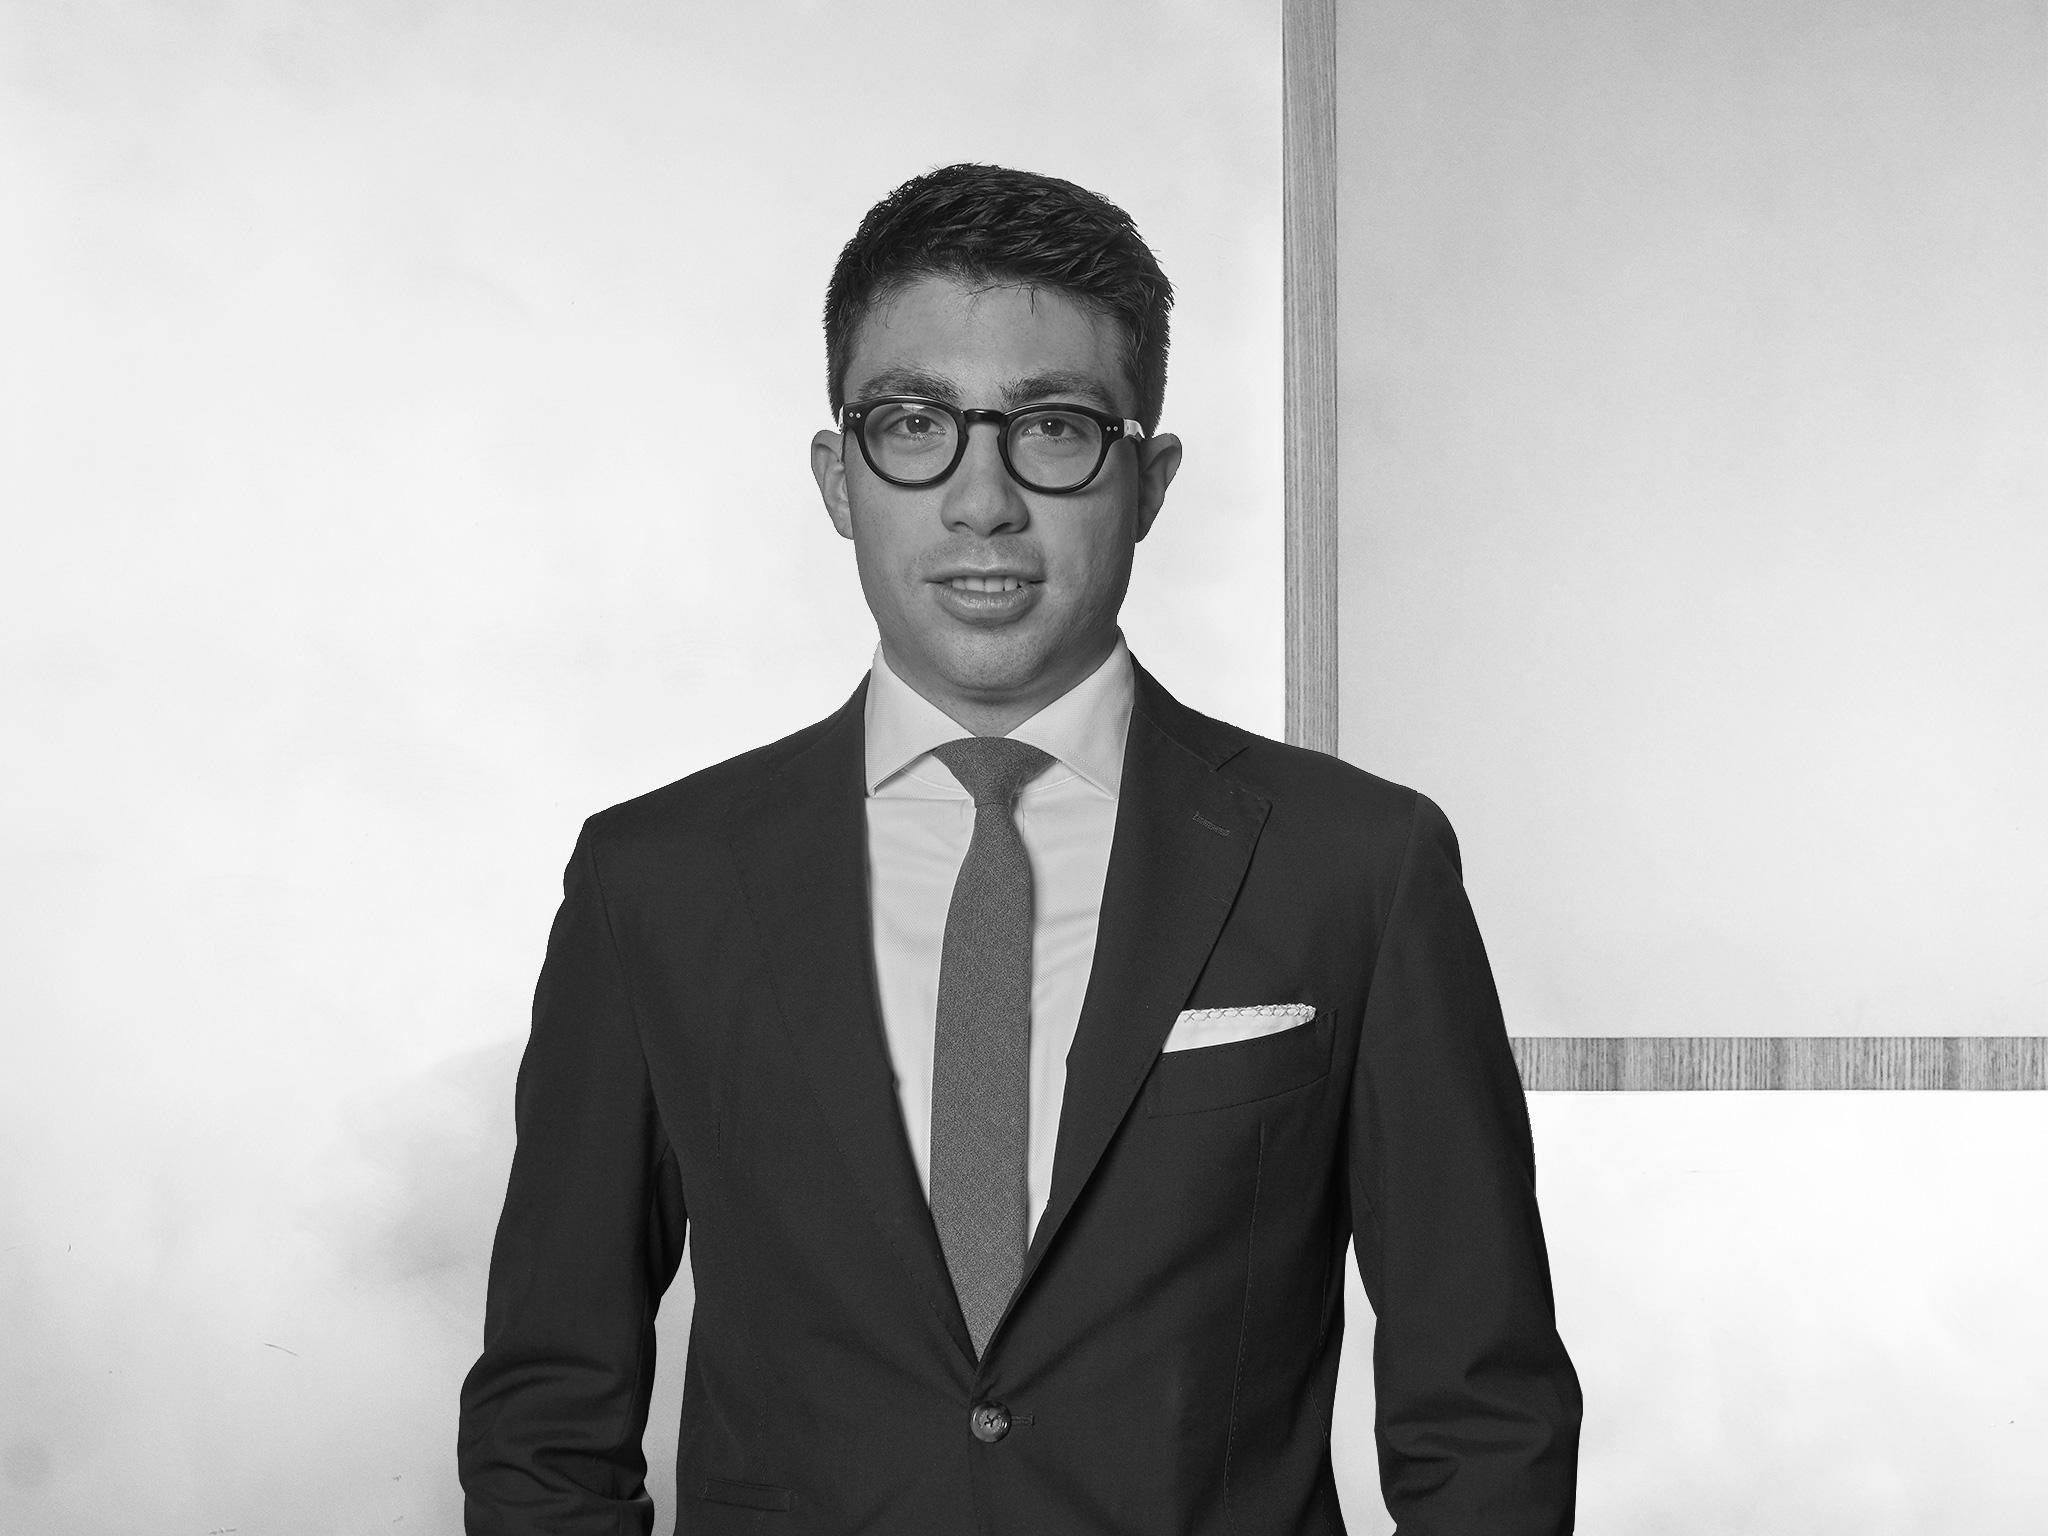 Lorenzo Sica - Ristorante Berton